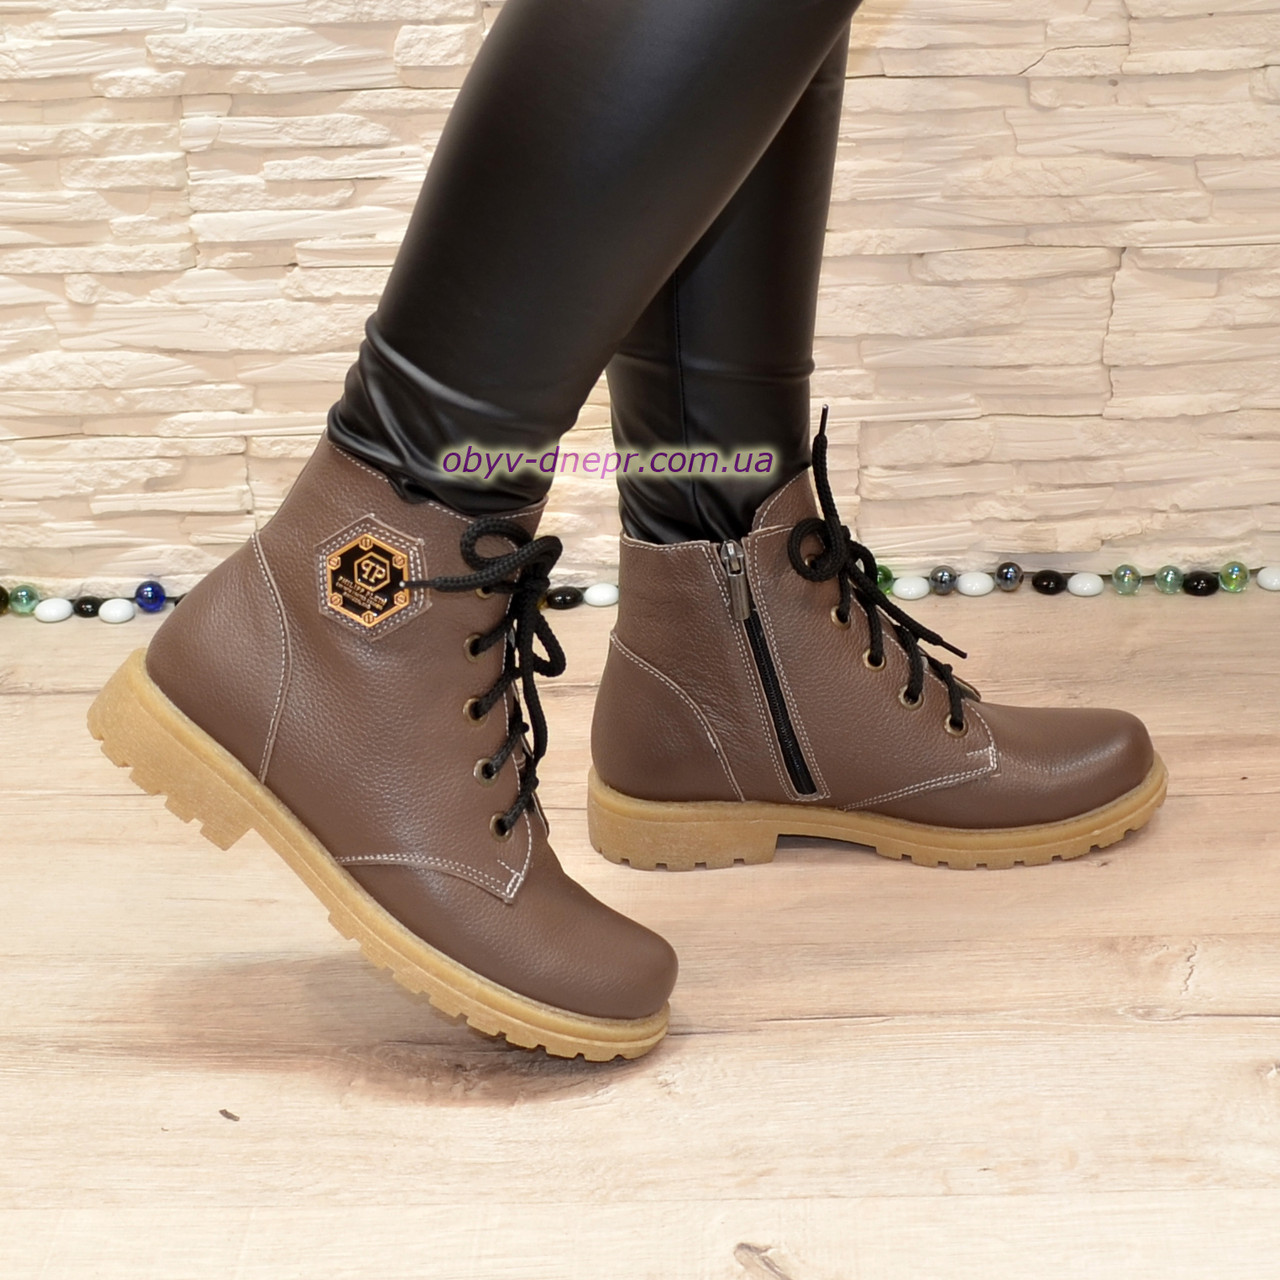 Ботинки женские кожаные    на шнурках, цвет визон